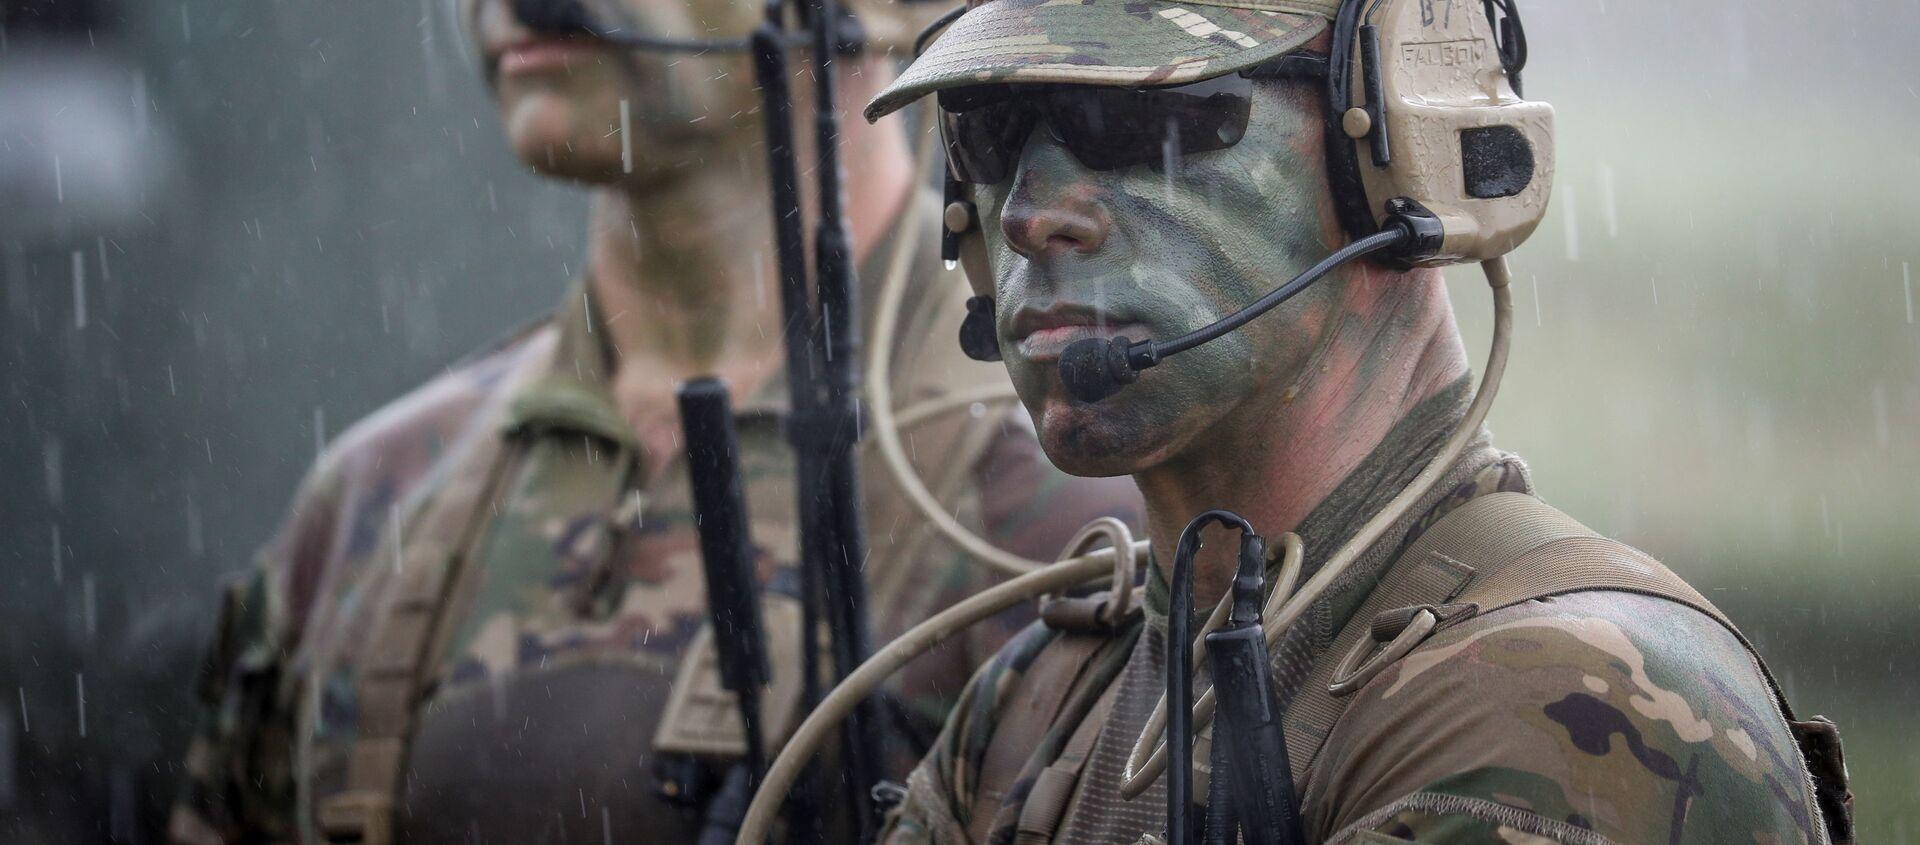 ამერიკელი სამხედროები საქართველოში წვრთნებზე - Sputnik საქართველო, 1920, 05.08.2021